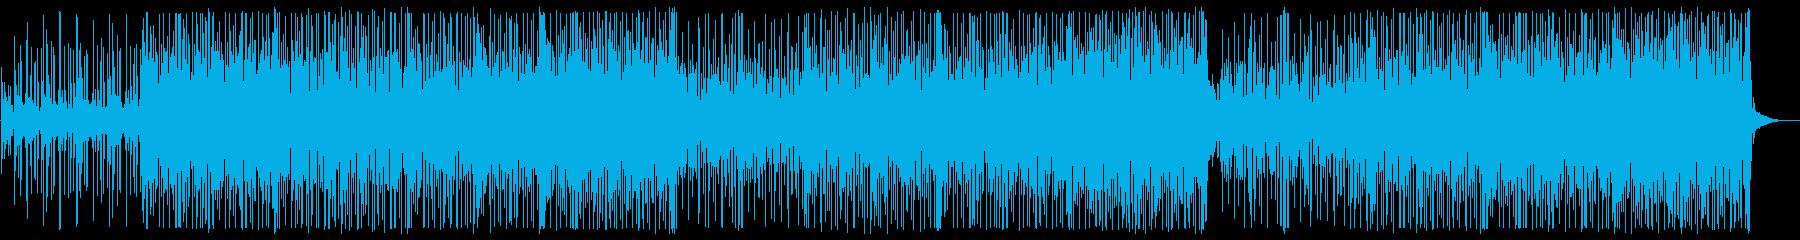 澄み切った透明度が印象的なポップチューンの再生済みの波形